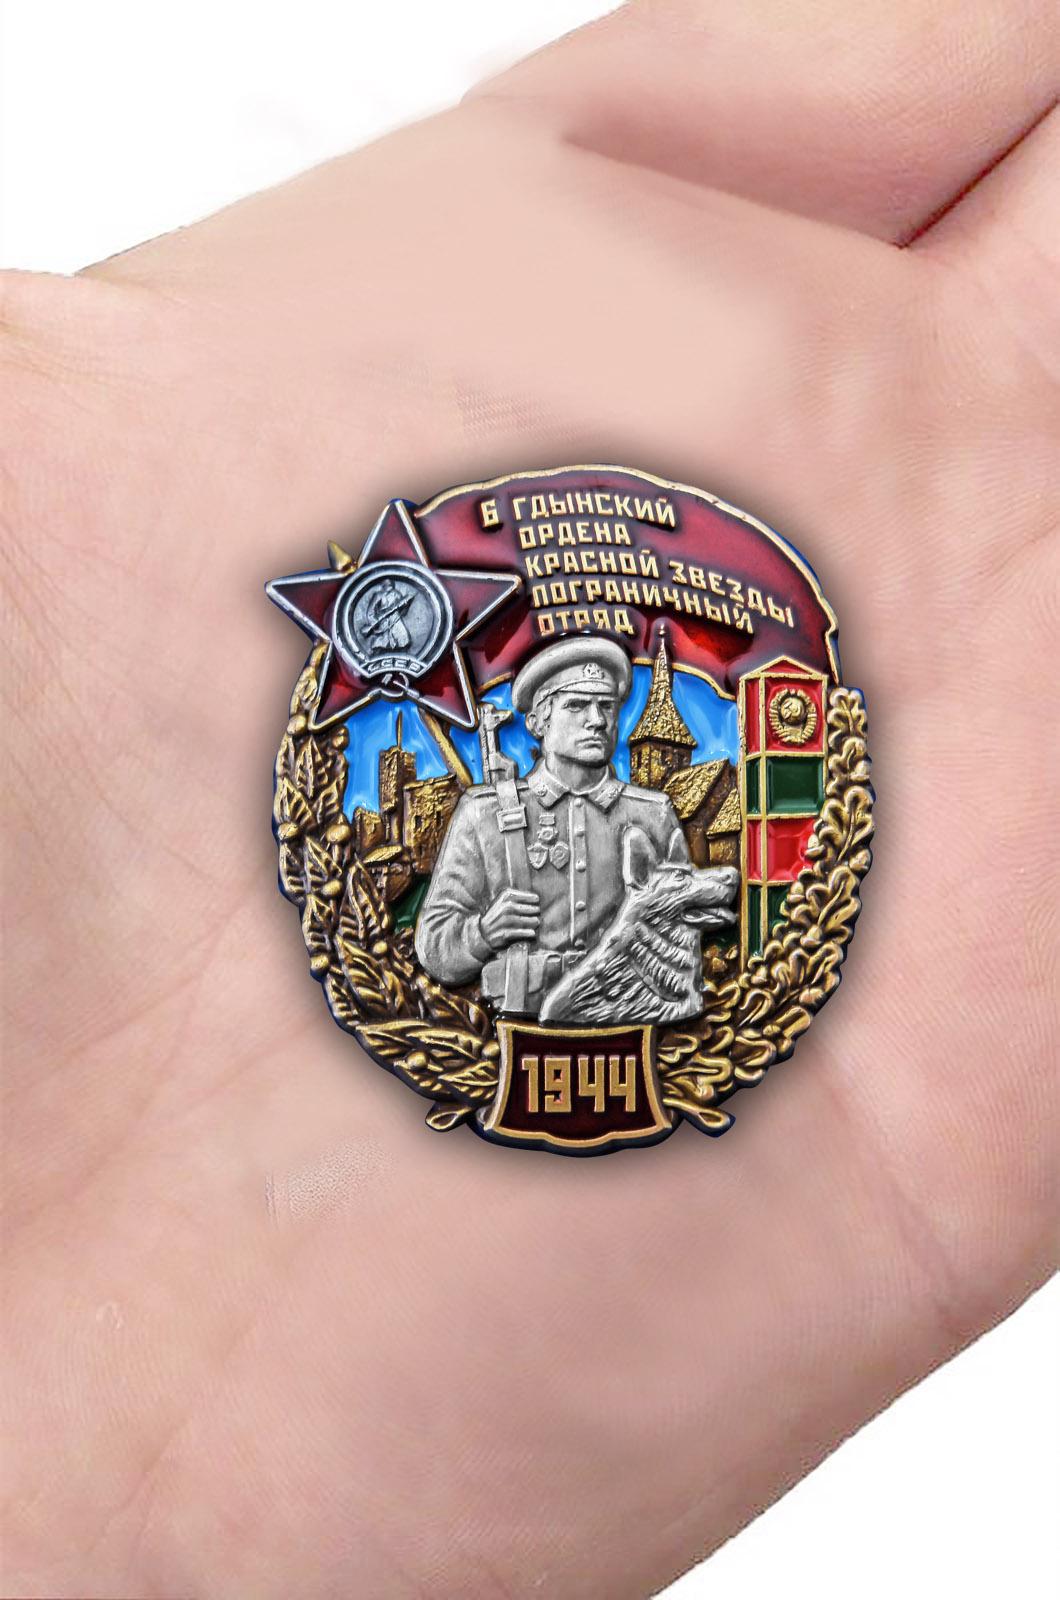 """Заказать знак """"6 Гдынский ордена Красной звезды пограничный отряд"""""""